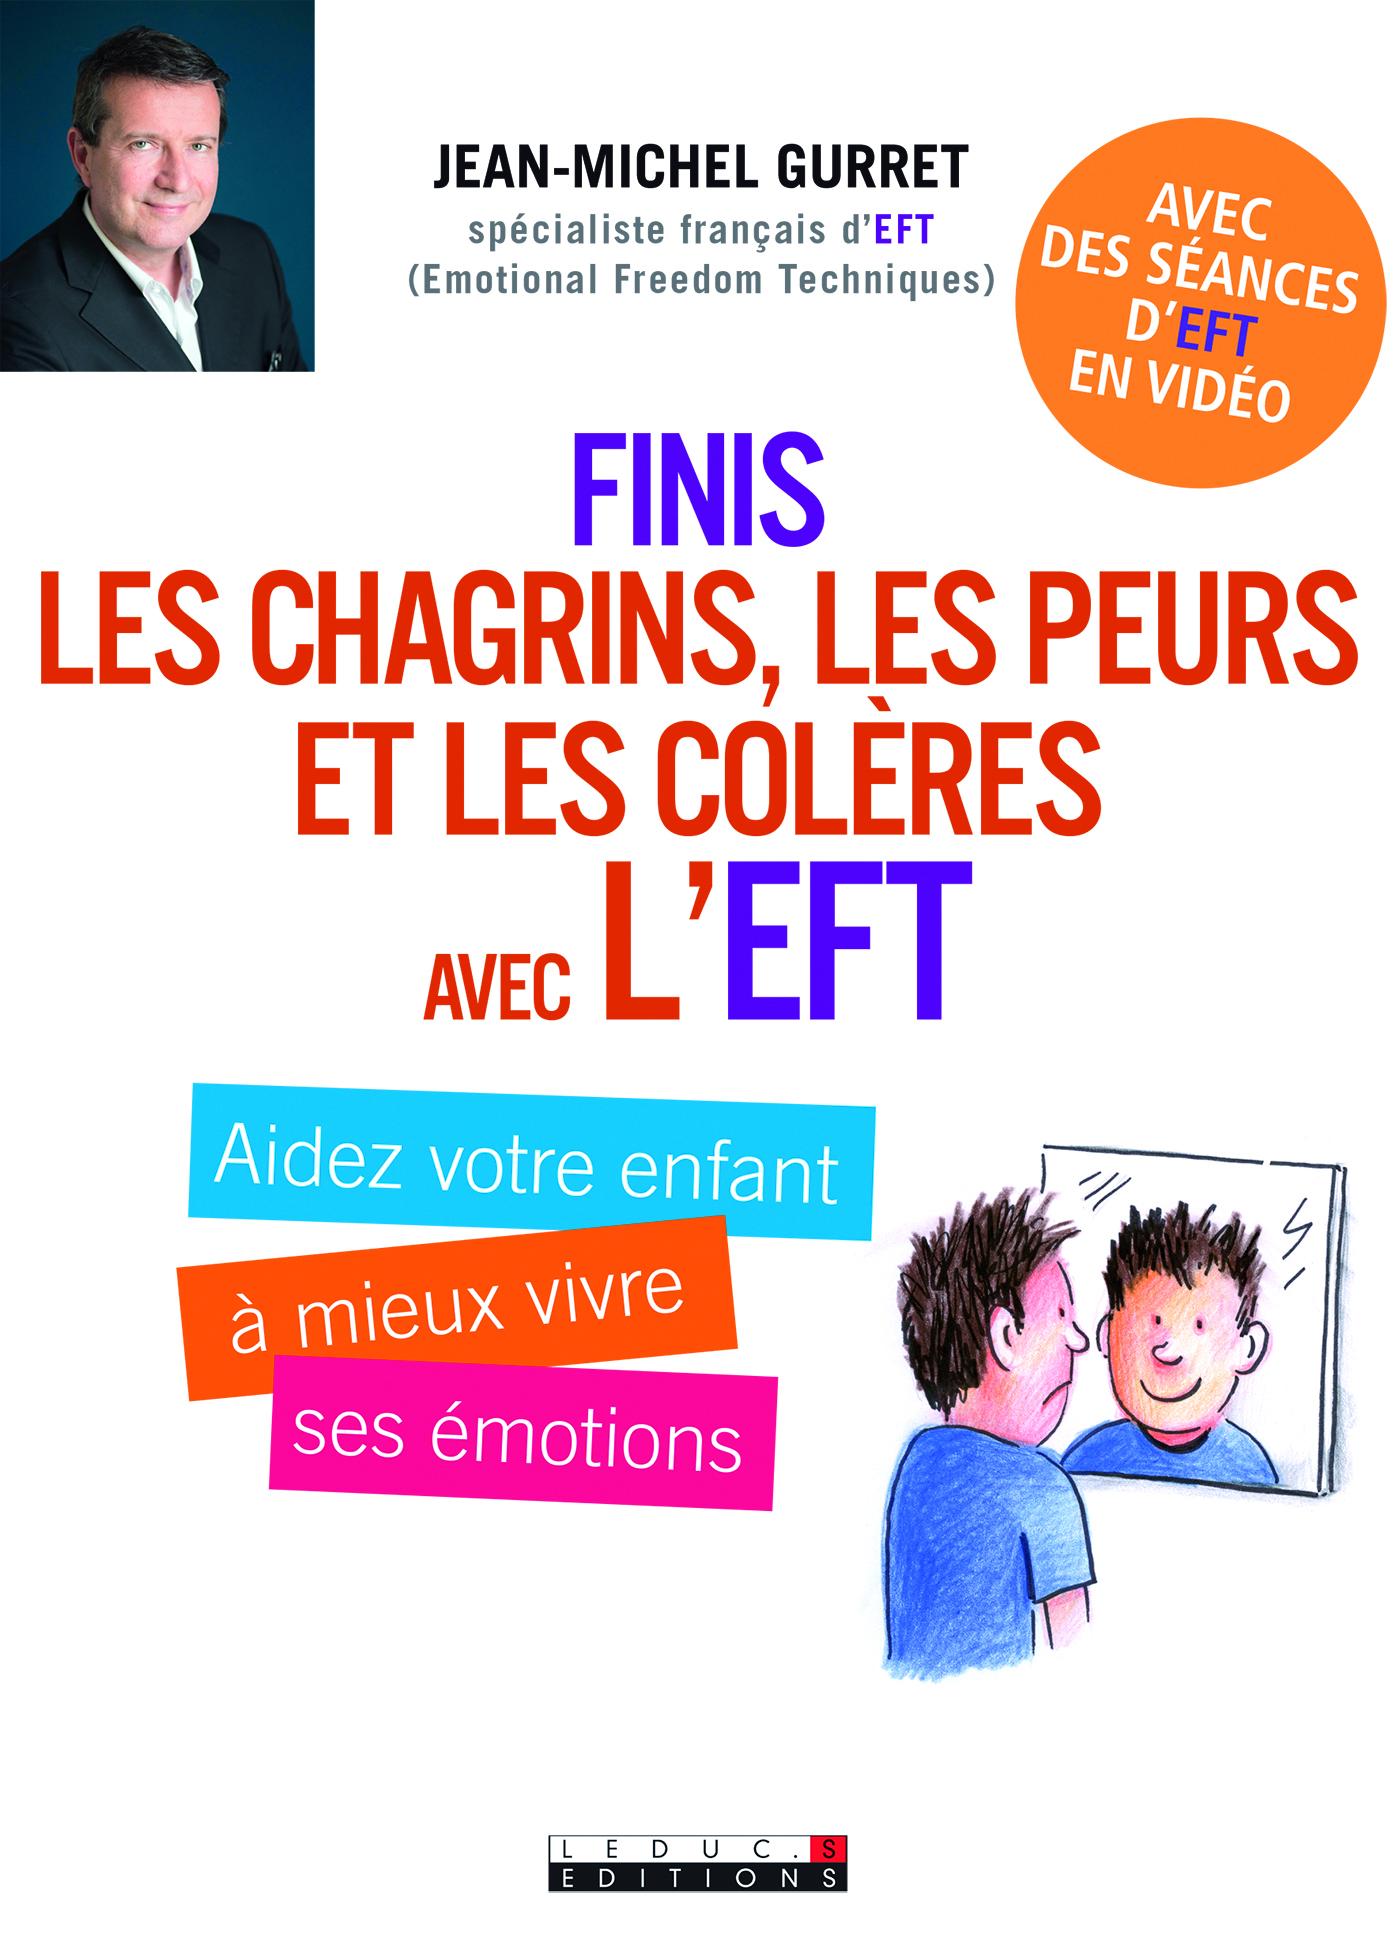 FINIS LES CHAGRINS LES PEURS ET LES COLERES AVEC L'EFT